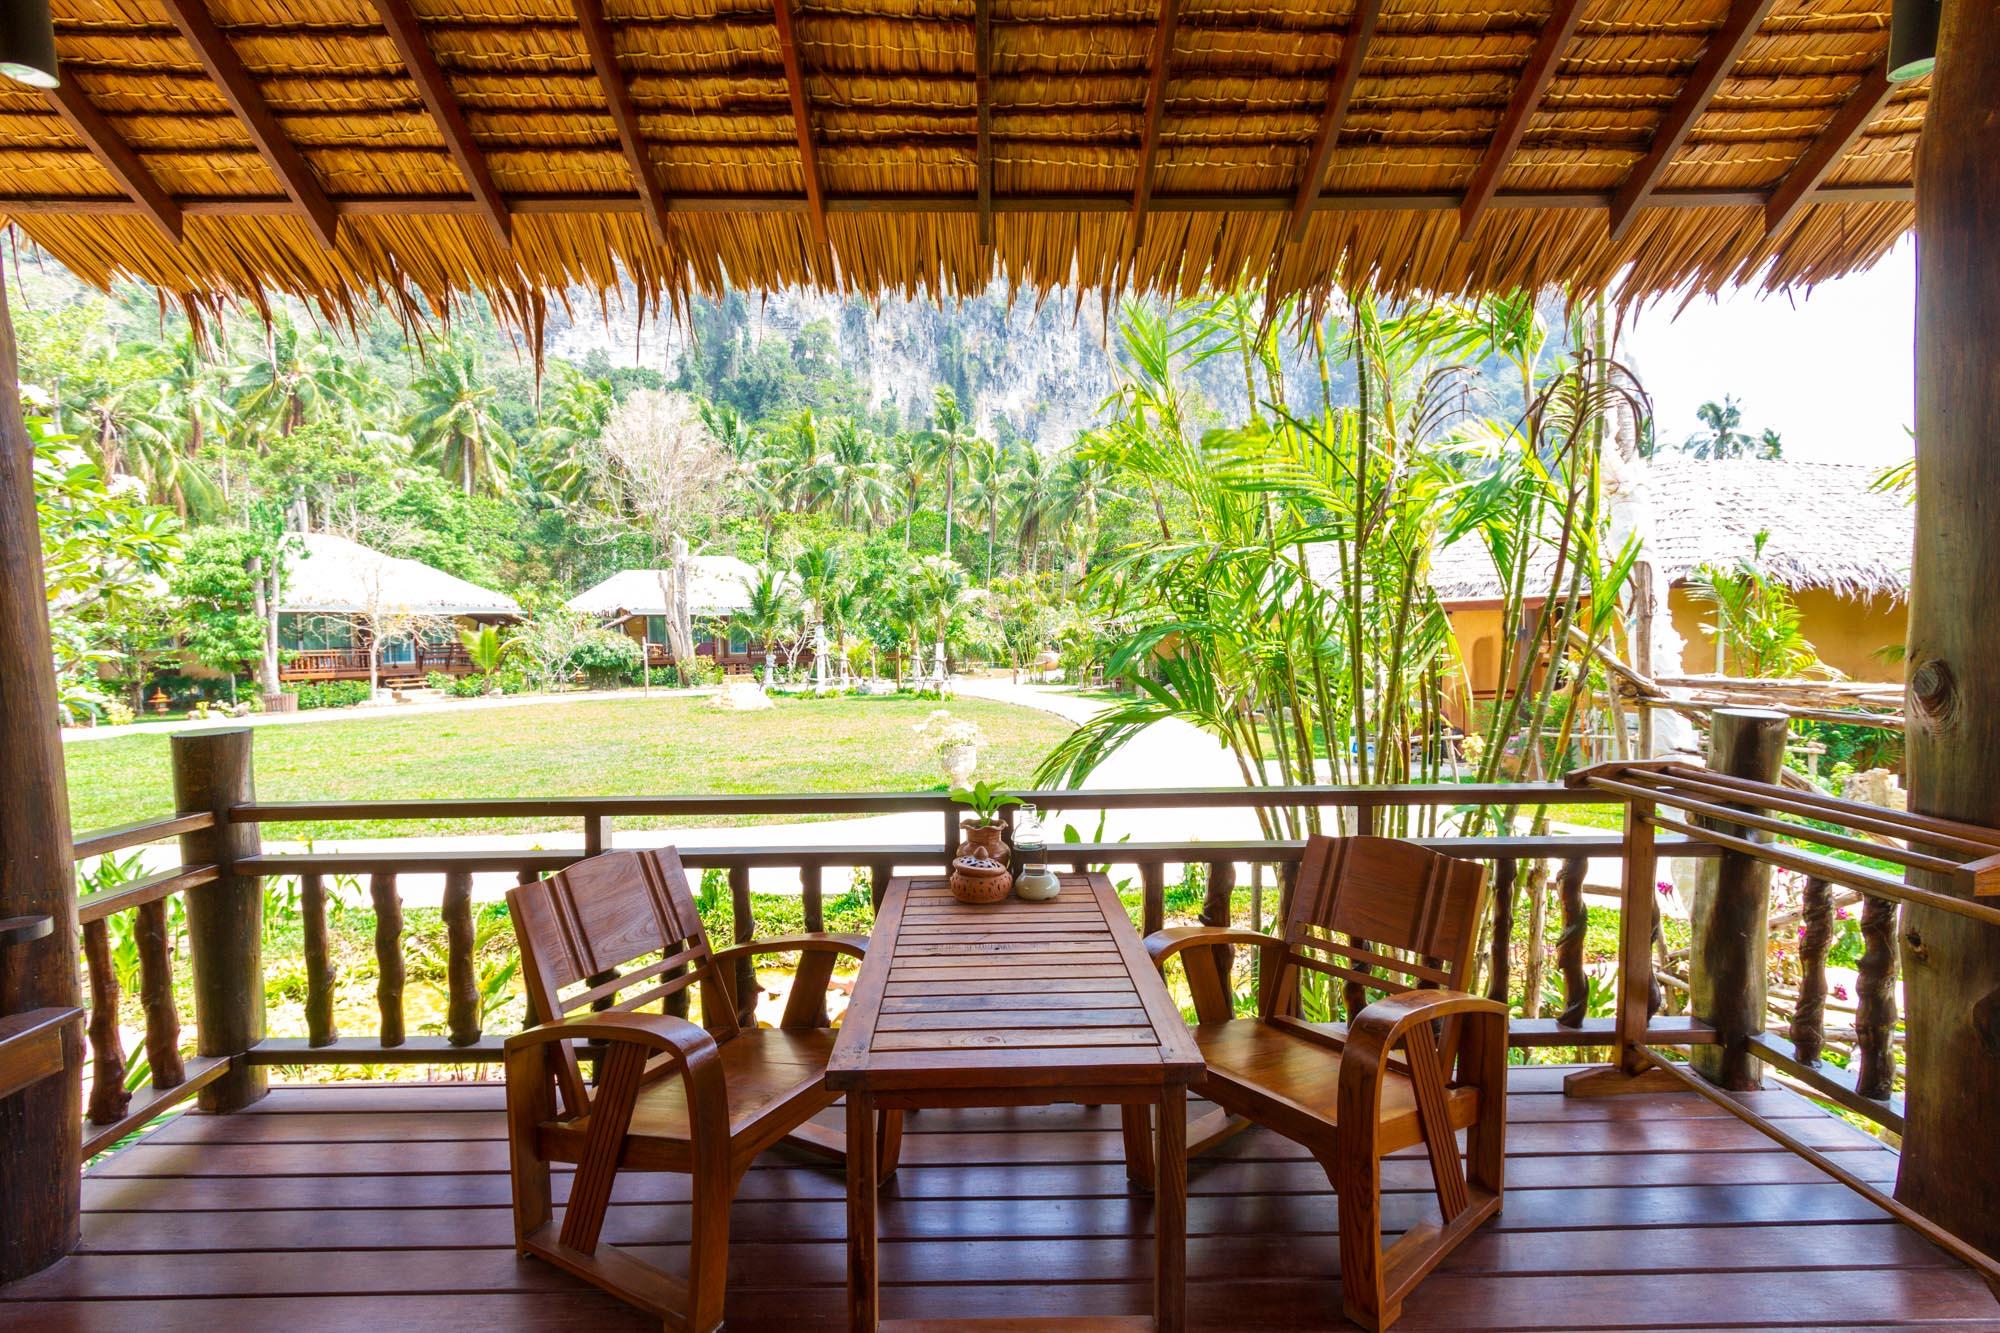 Ban Sainai Resort บ้านใสในรีสอร์ท  บ้านใสใน รีสอร์ท Ban Sainai Resort อ่าวนาง กระบี่ IMG 0111